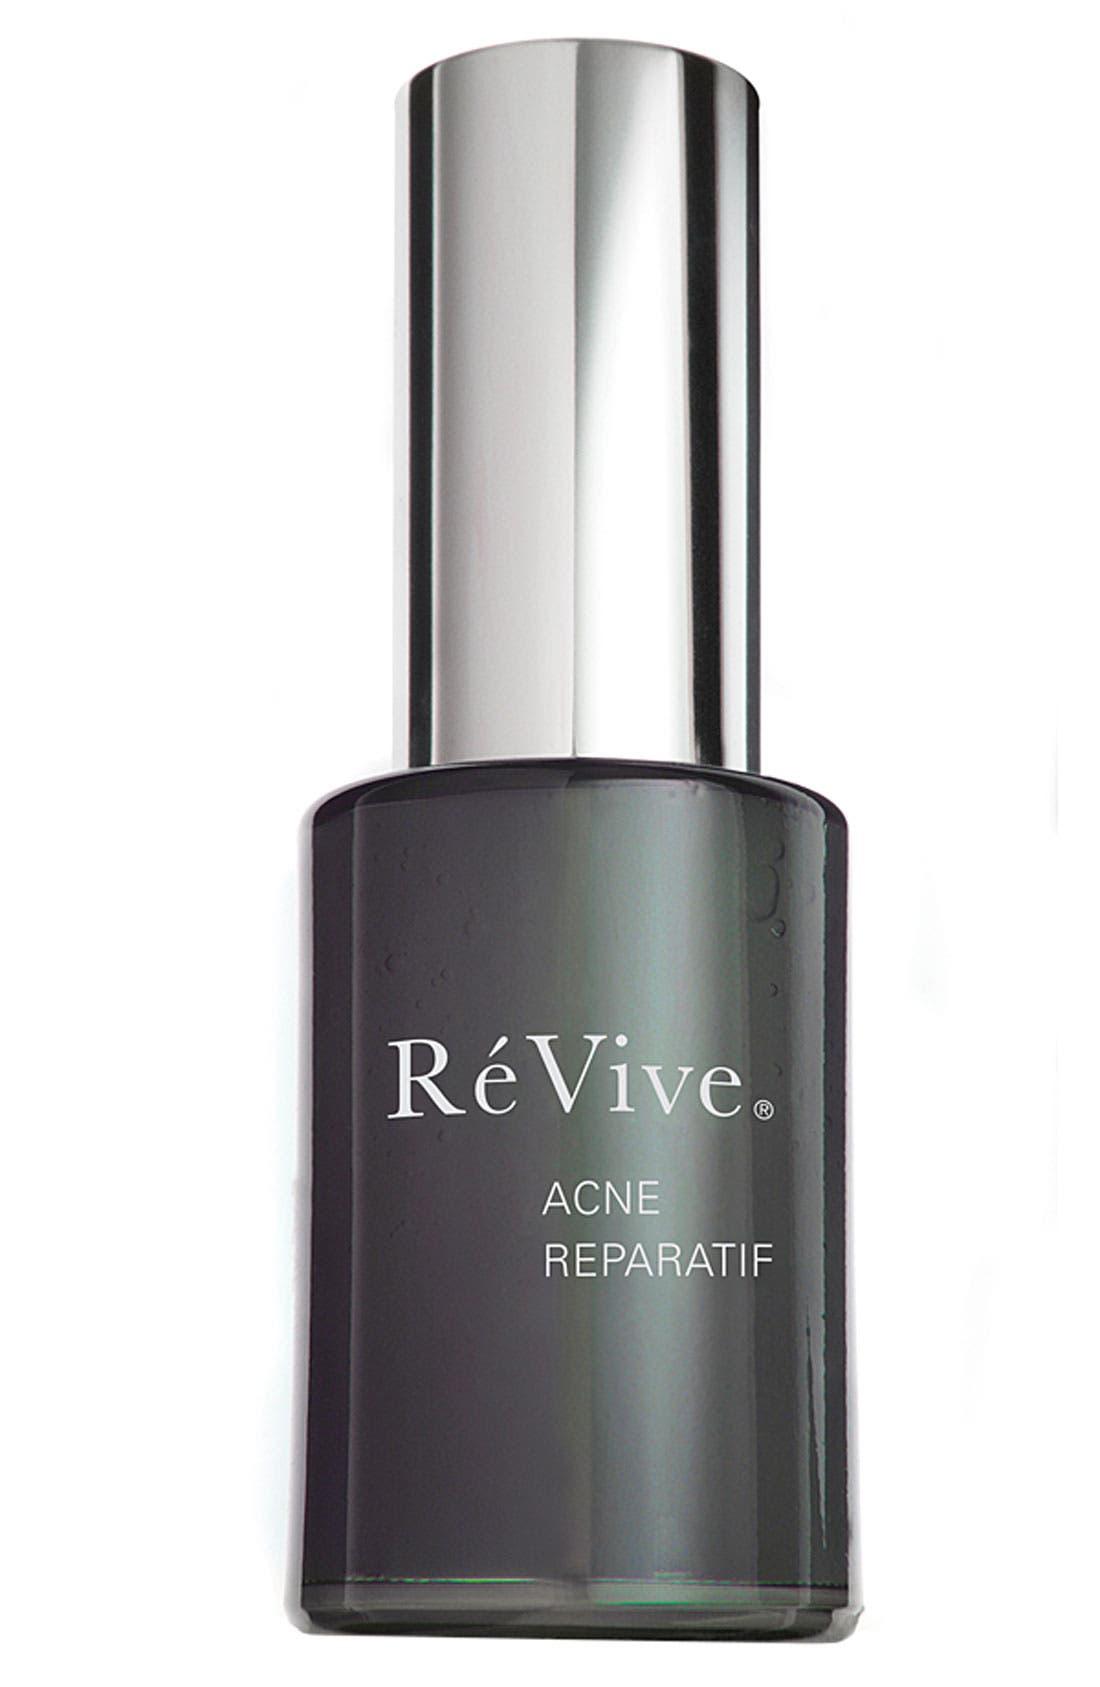 RéVive® Acne Reparatif